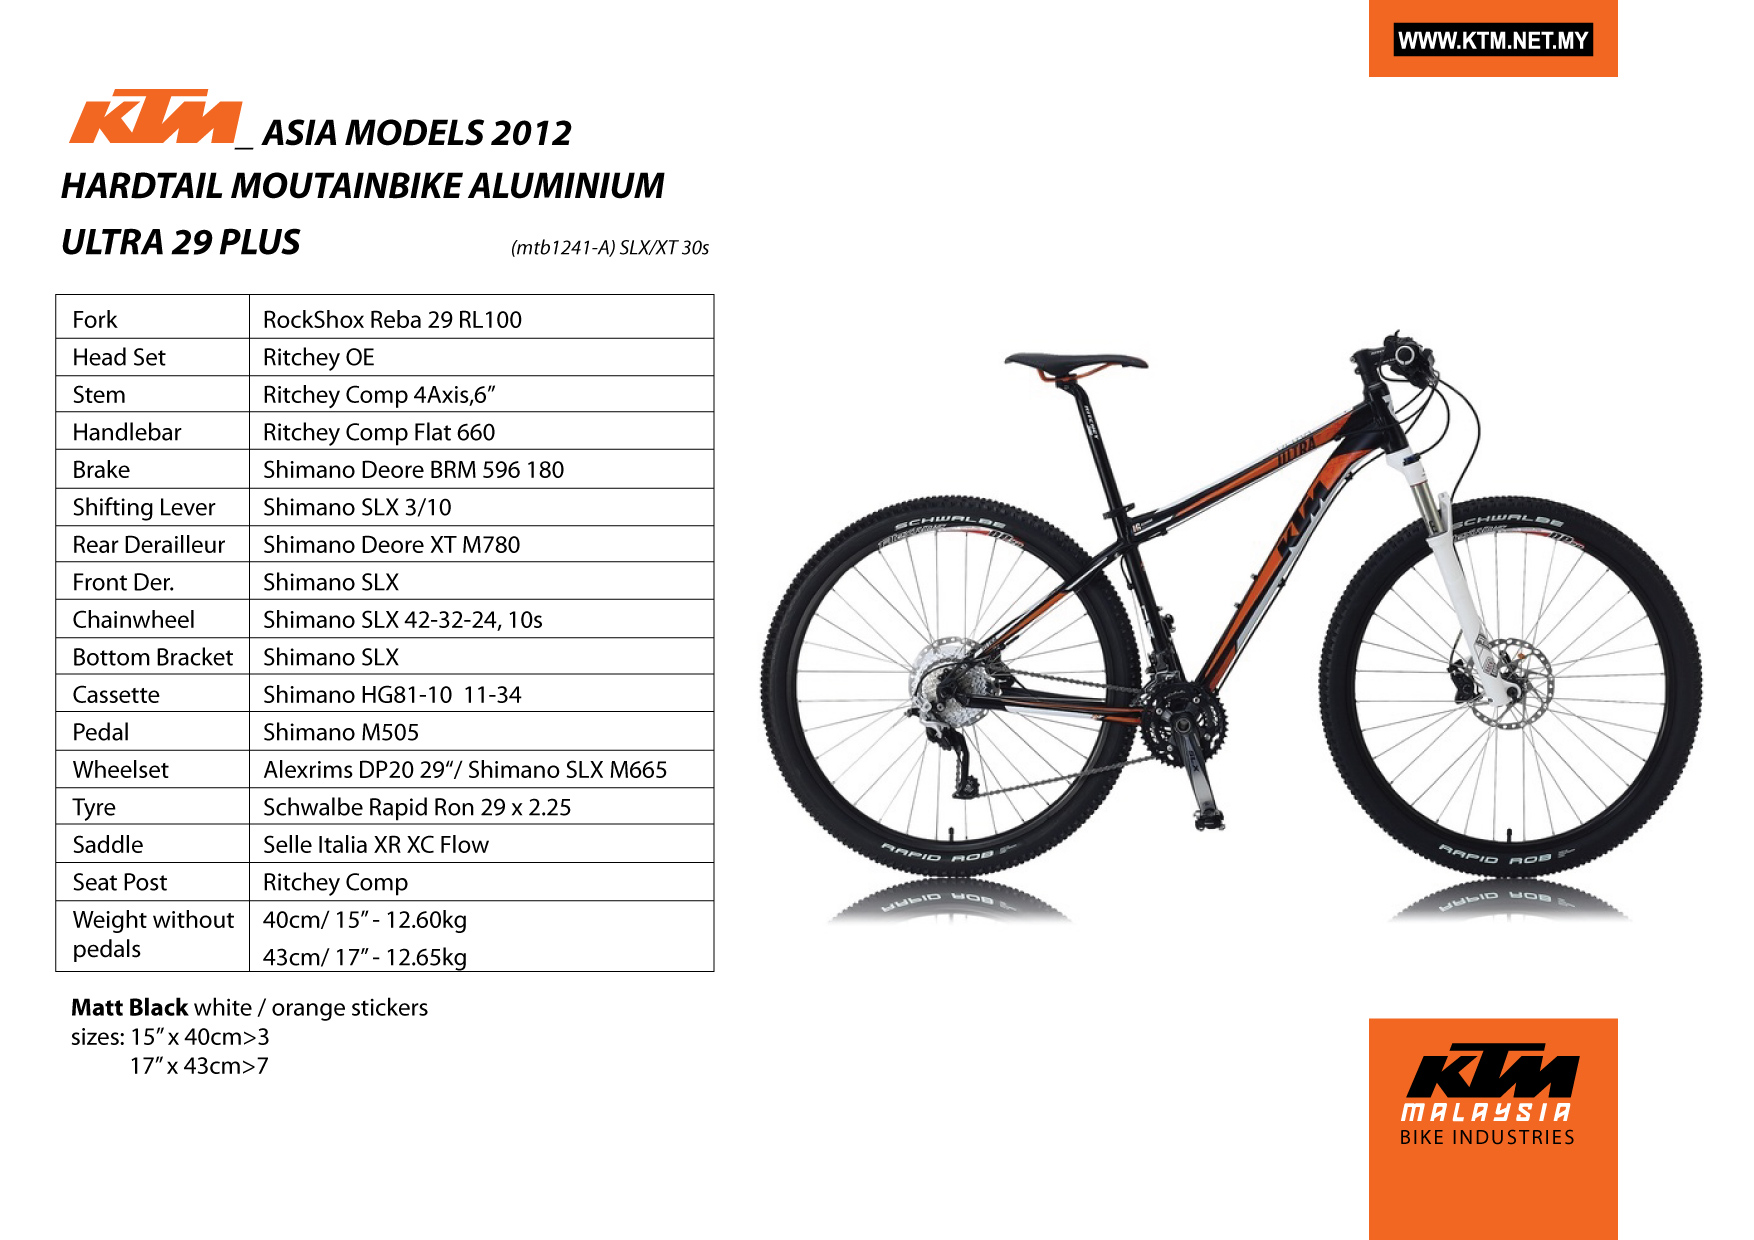 دوچرخه کوهستان کی تی ام مدل الترا پلاس سایز 29 KTM Ultra Plus